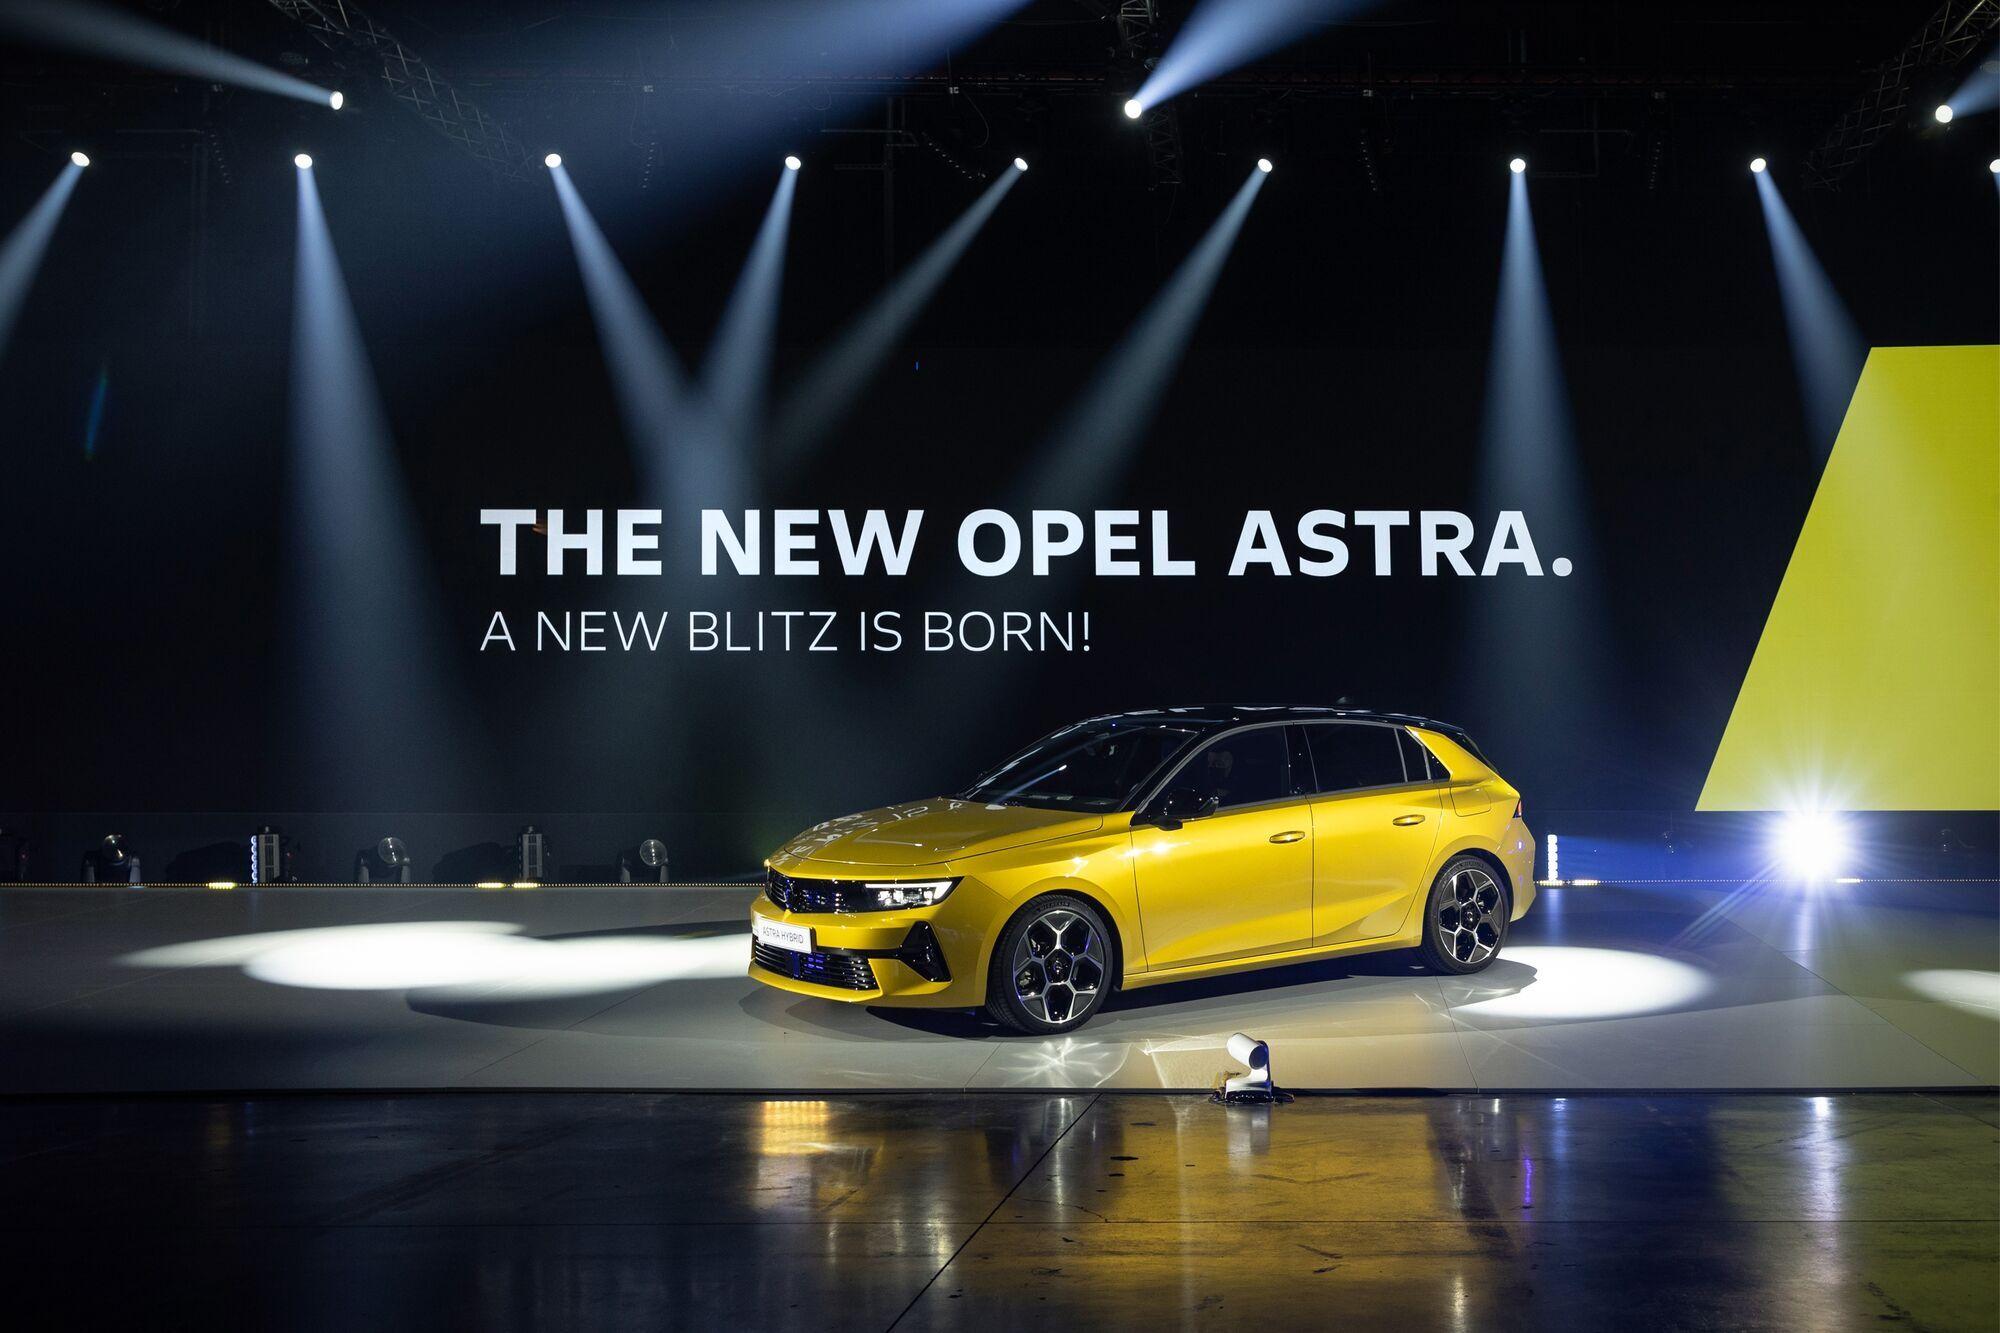 Нове покоління Opel Astra представили в Рюссельсхаймі